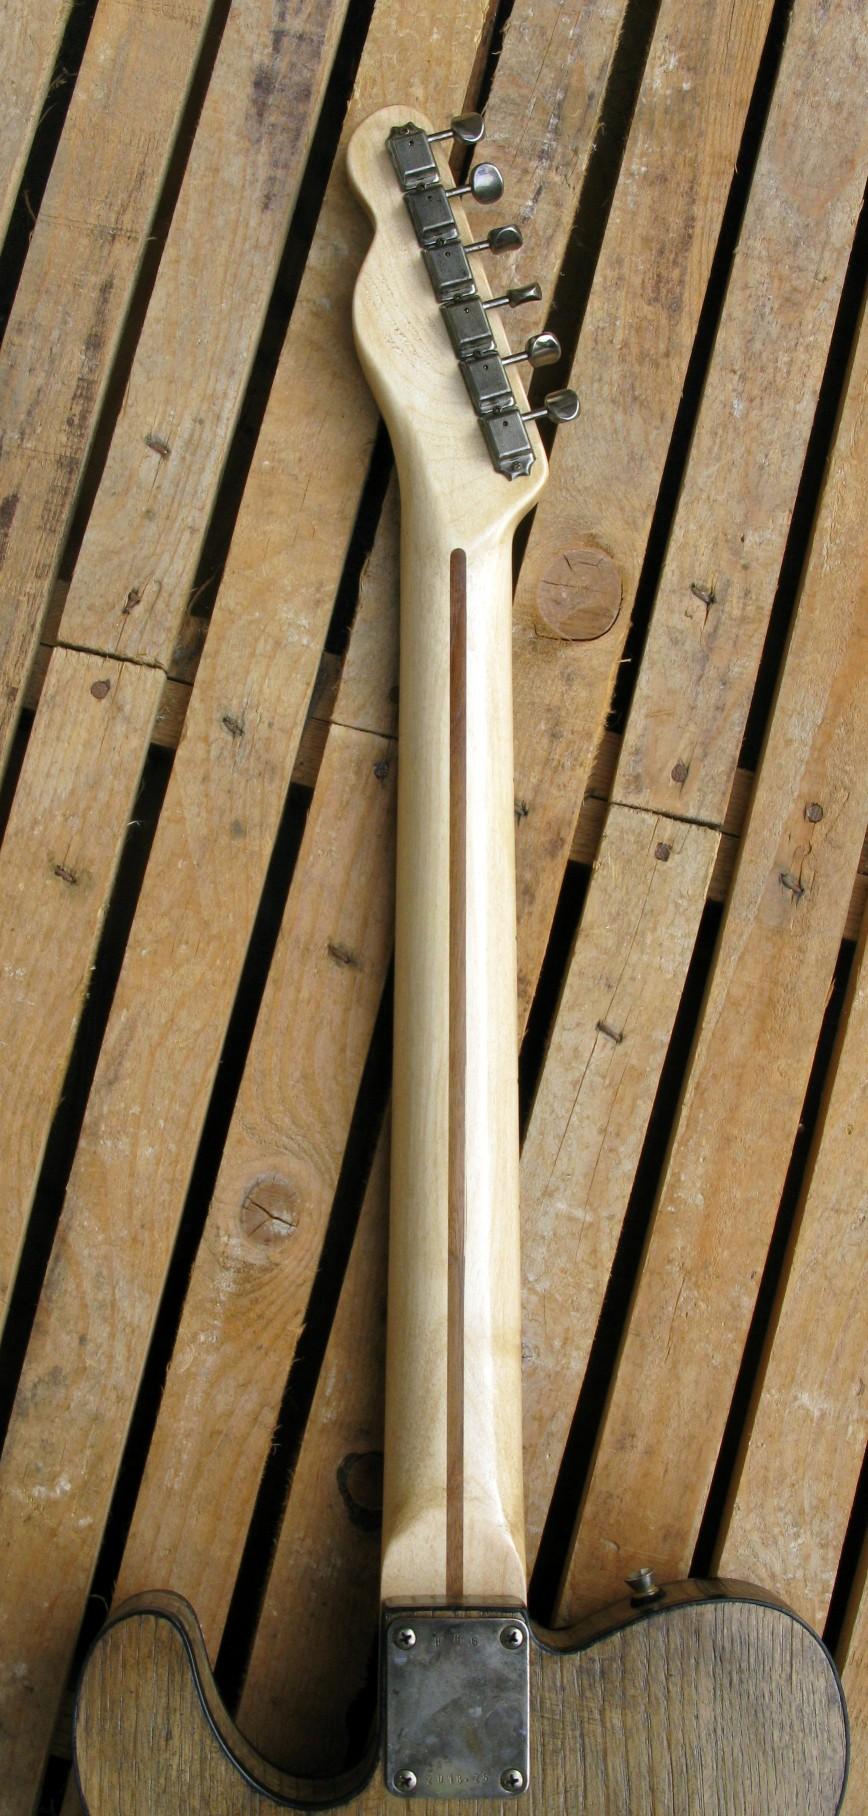 Retro del manico in acero di una chitarra Telecaster in castagno con top in pelle di mucca